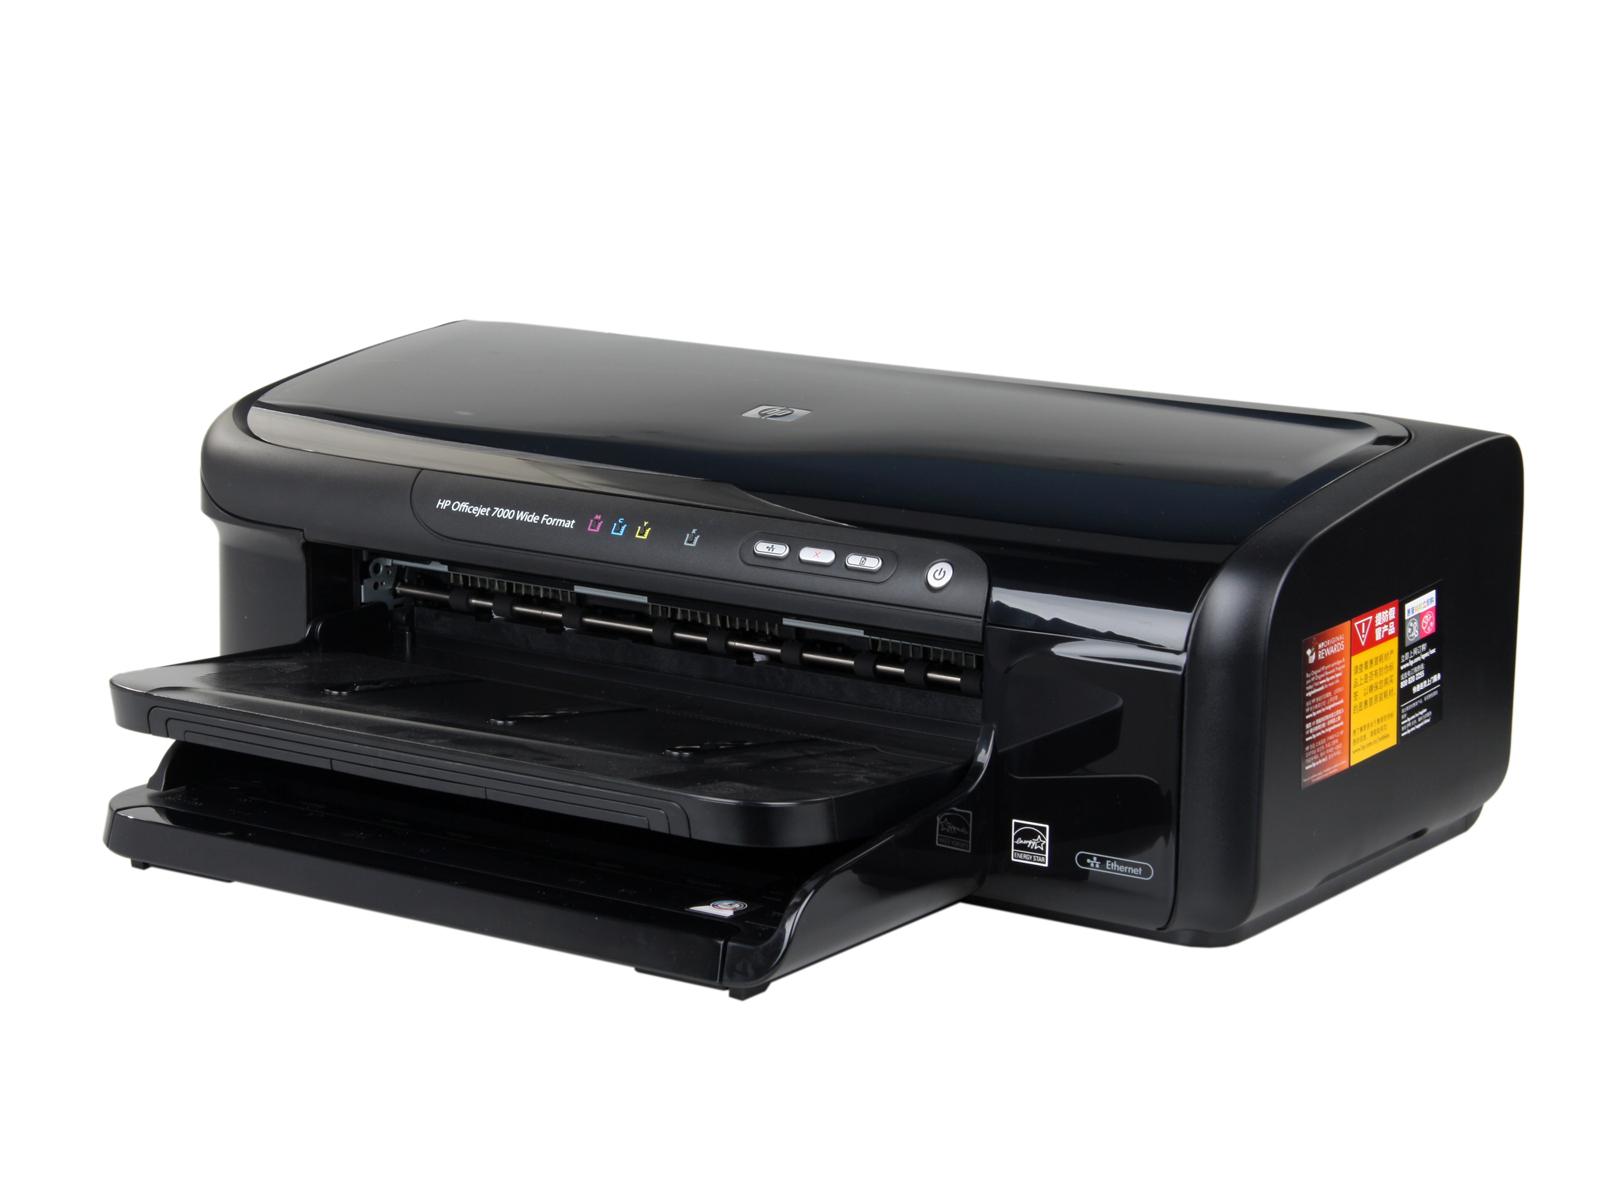 惠普 Officejet 7000 E809 C9299A 喷墨打印机 性能提升30 首次在A3 喷打上标配网络